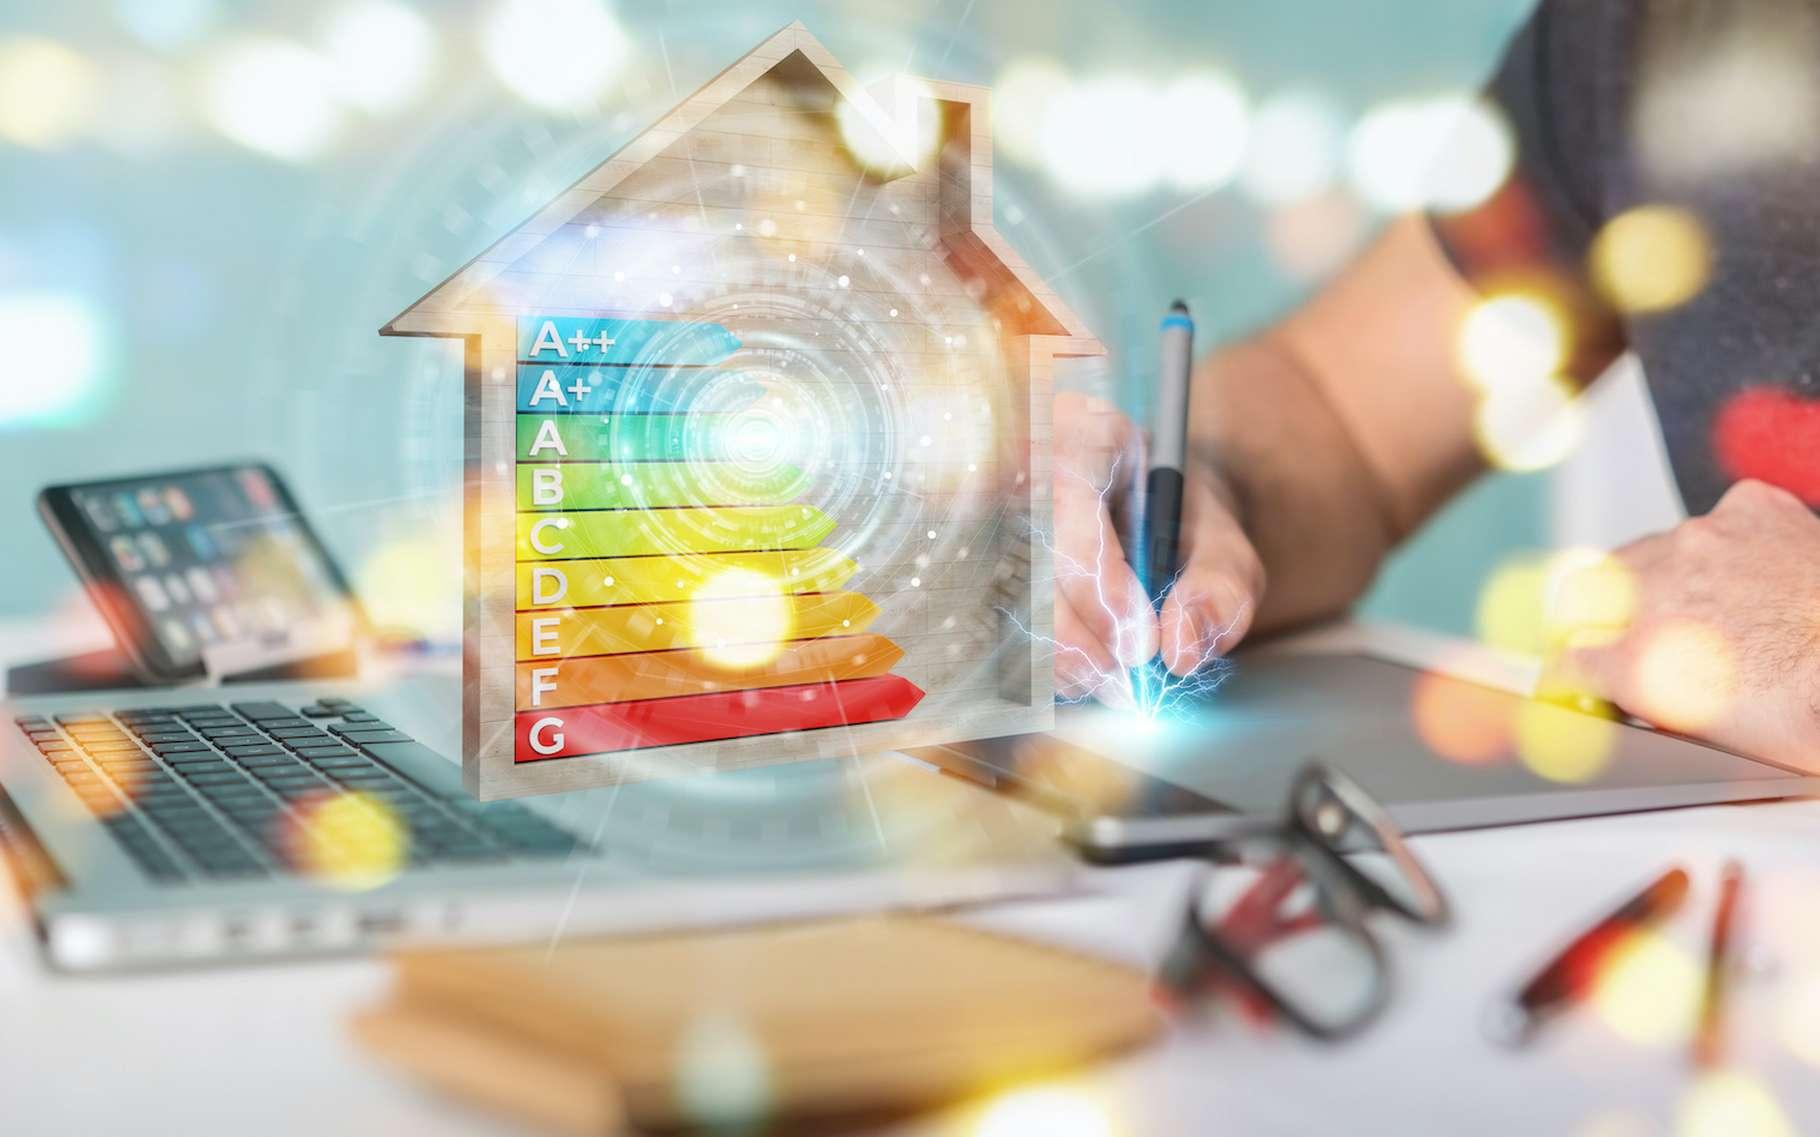 Diminuer l'impact carbone des bâtiments, poursuivre l'amélioration de leur performance énergétique et en garantir la fraîcheur pendant les étés caniculaires. Ce sont les objectifs affichés de la réglementation environnementale 2020 (RE 2020) qui devrait être applicable aux logements neufs au 1er janvier 2022. © sdecoret, Adobe Stock